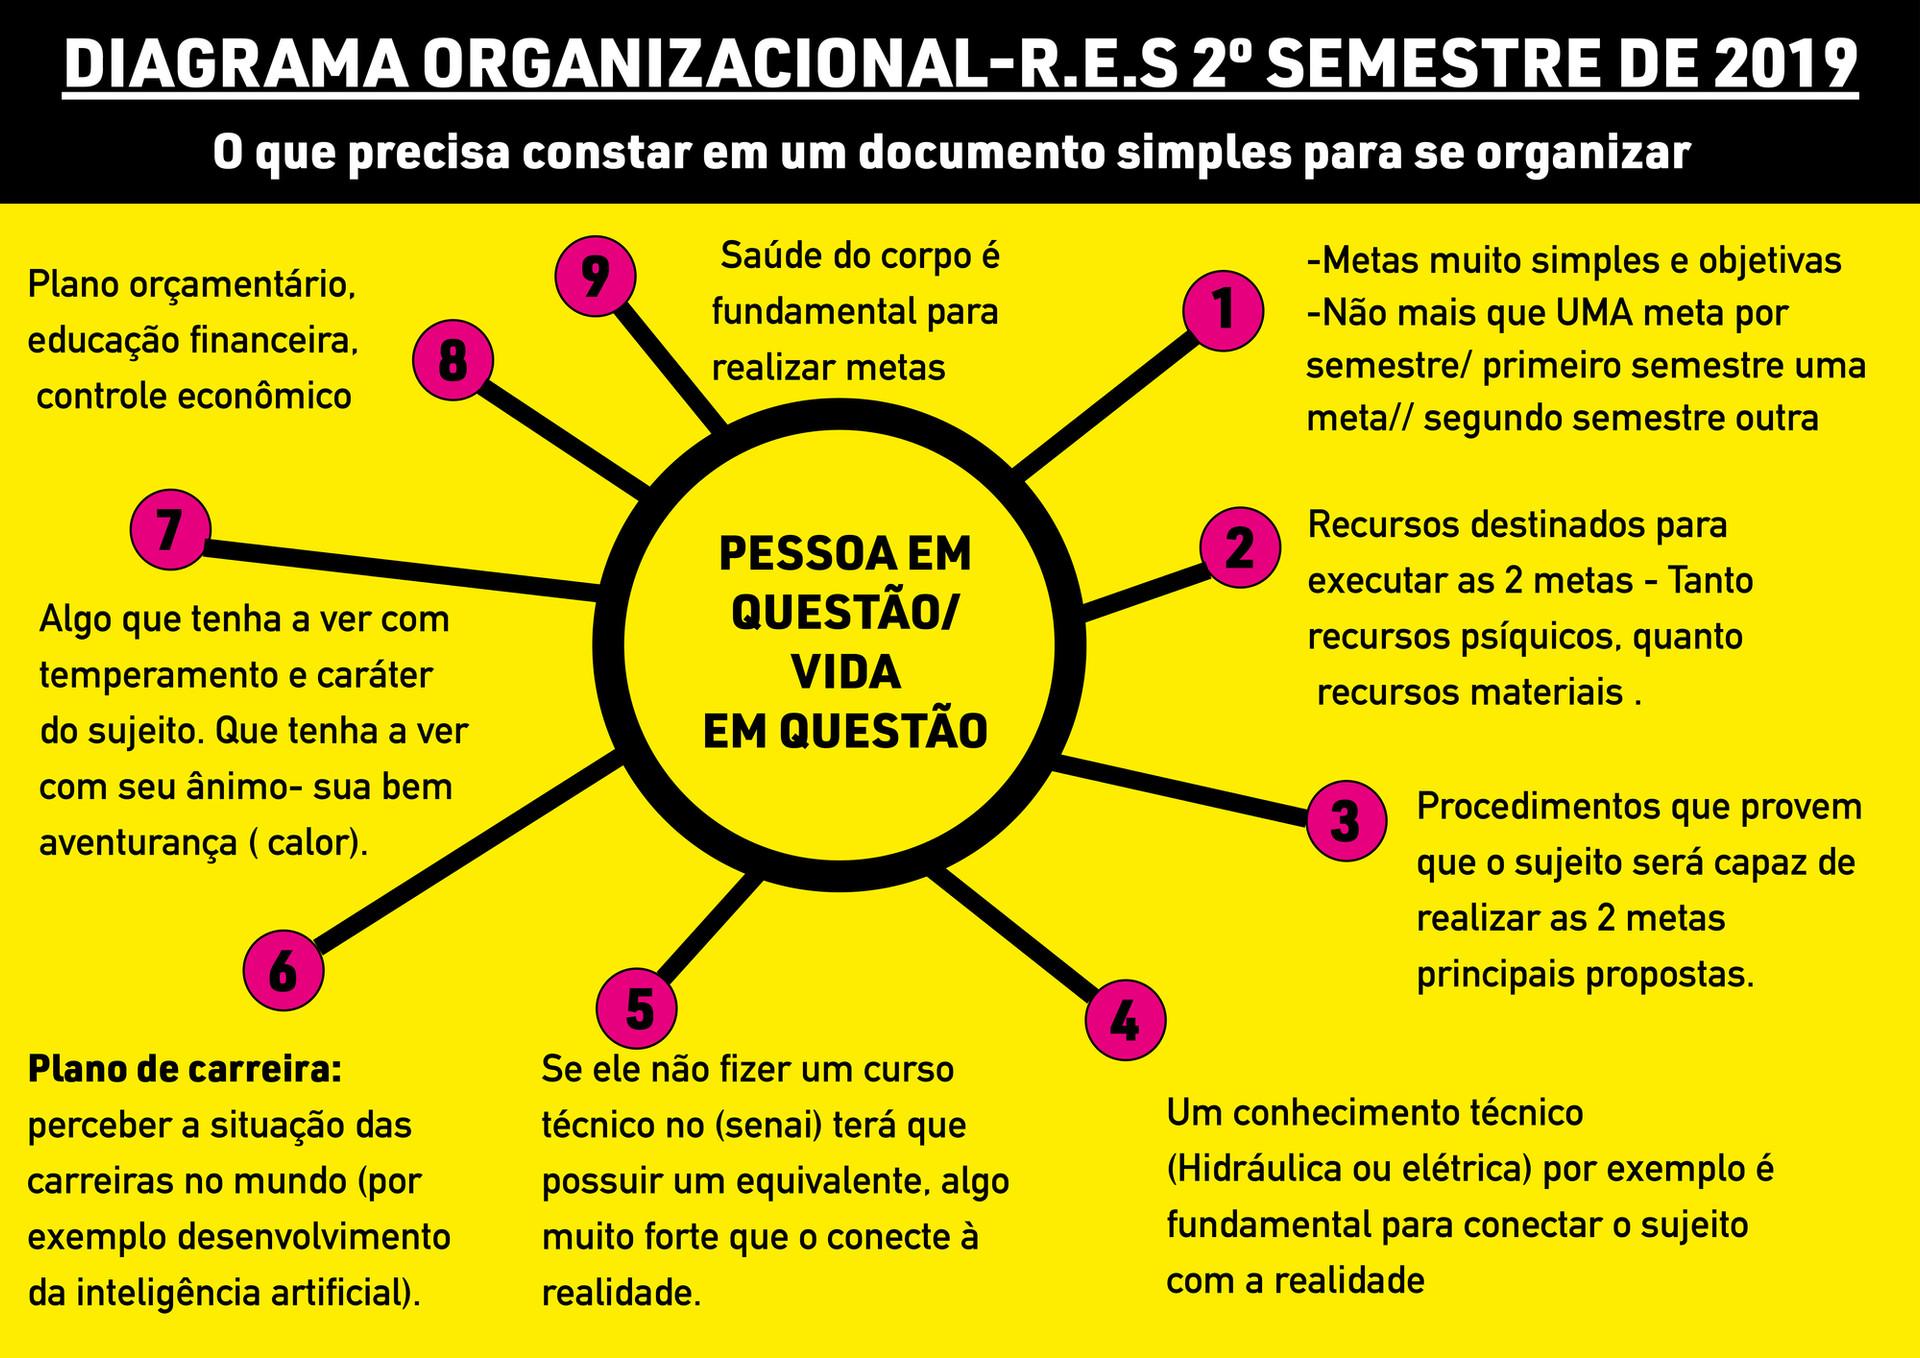 Diagrama organizacional